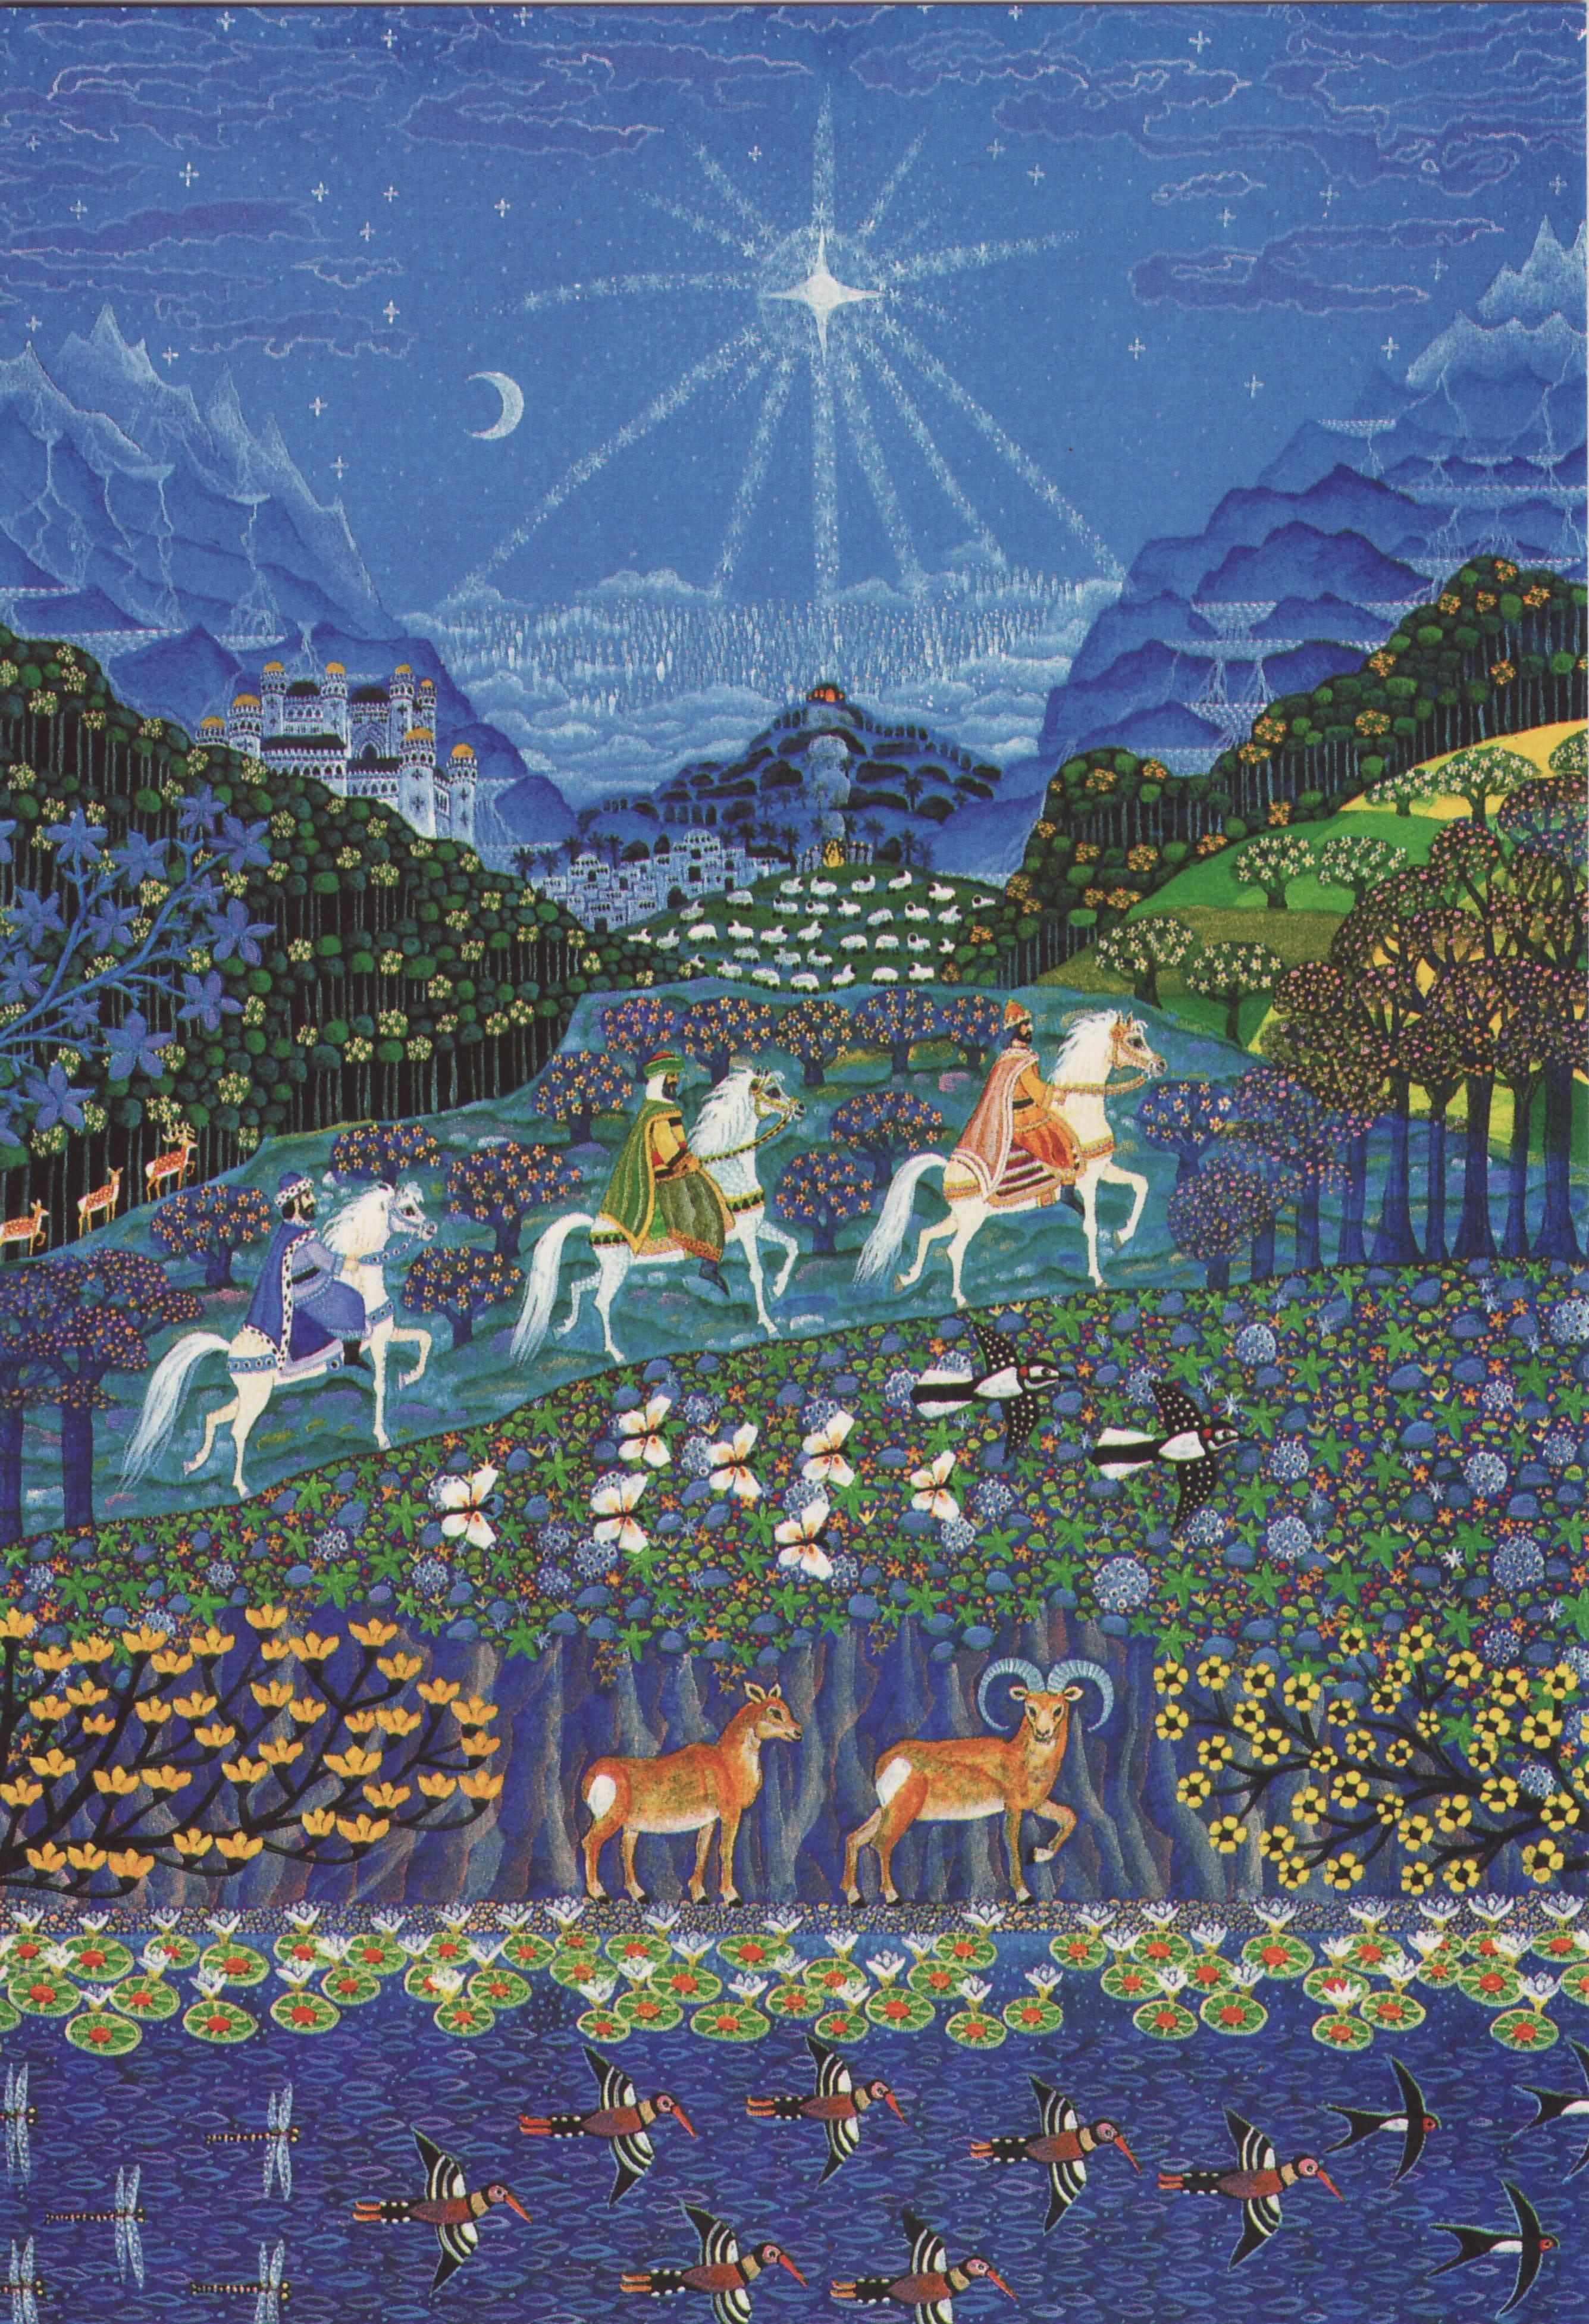 esben-hanefelt-kristensen-3-vise-maend-til-hest